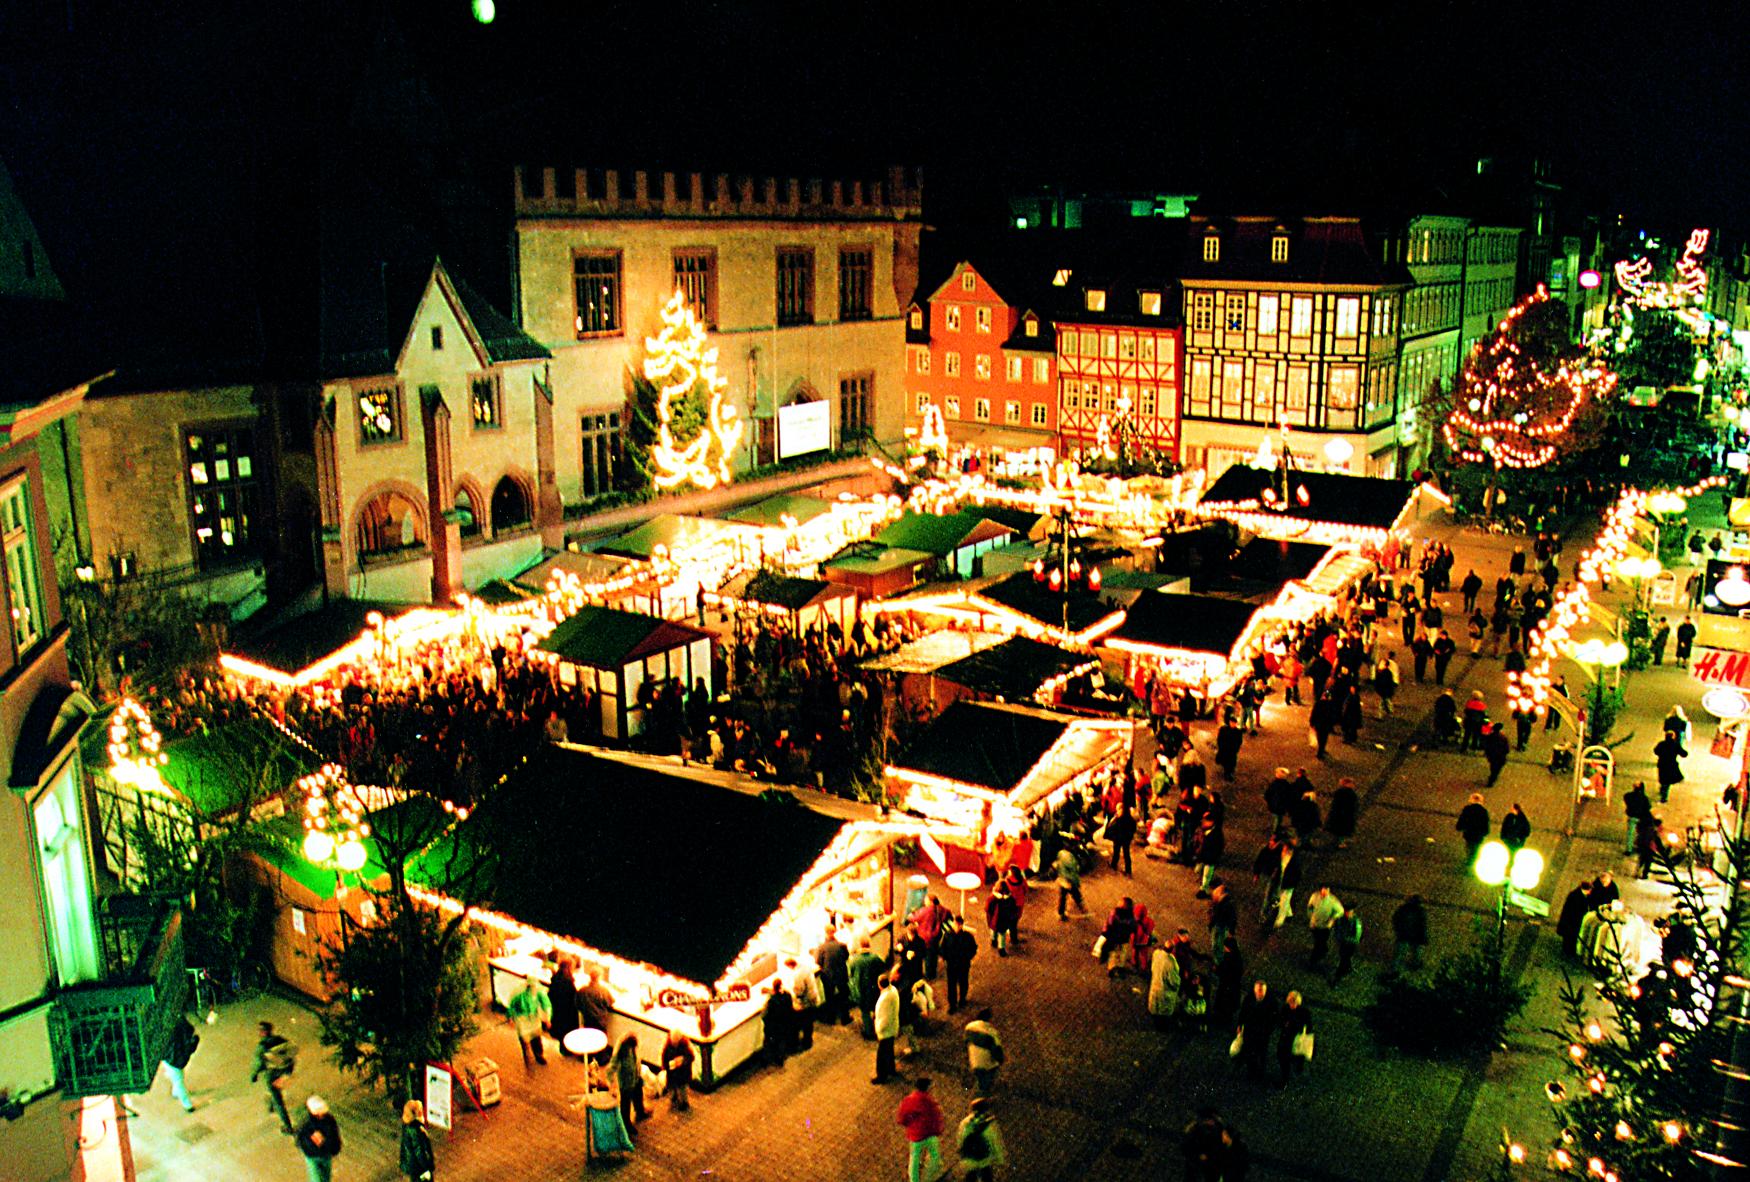 Weihnachtsmarkt Göttingen.30 Weihnachtsmarkt Göttingen S Christmas Market Military In Germany